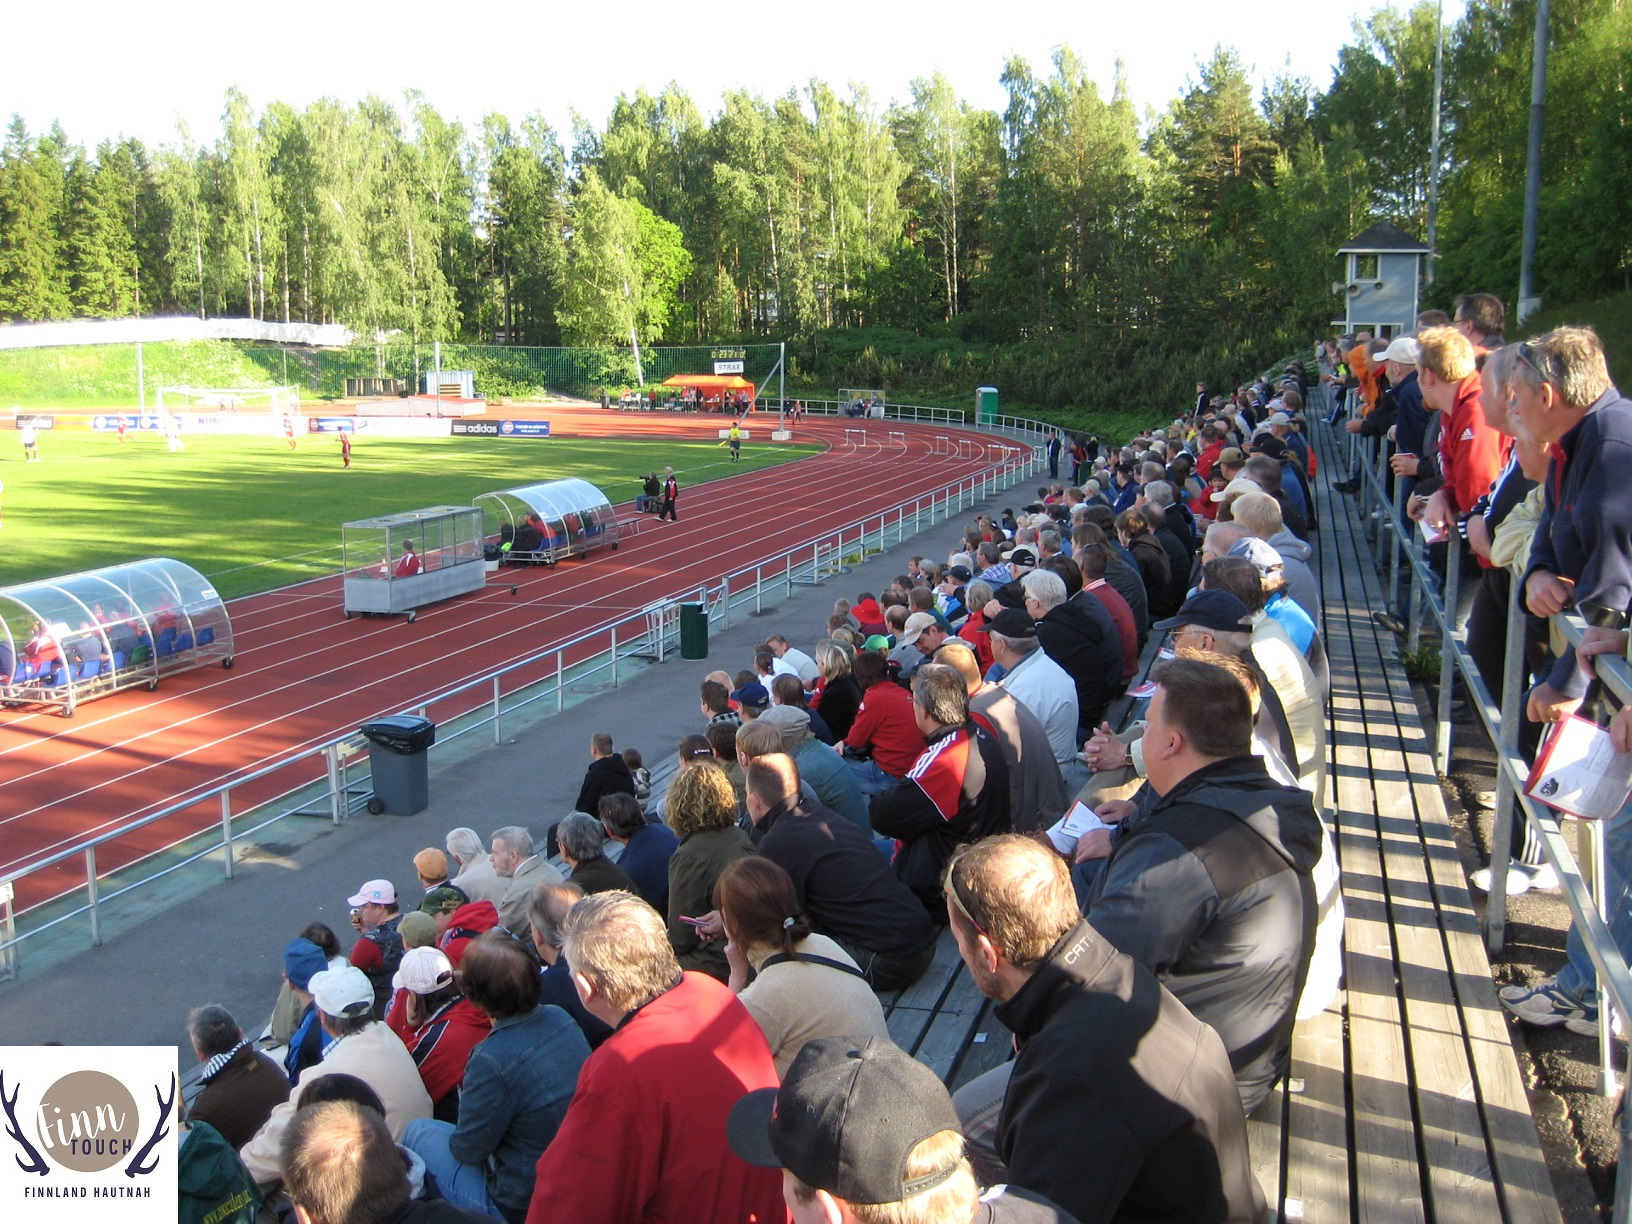 Auch beim Fußball geht es in Finnland meist eher ruhig und beschaulich zu. Hier ein